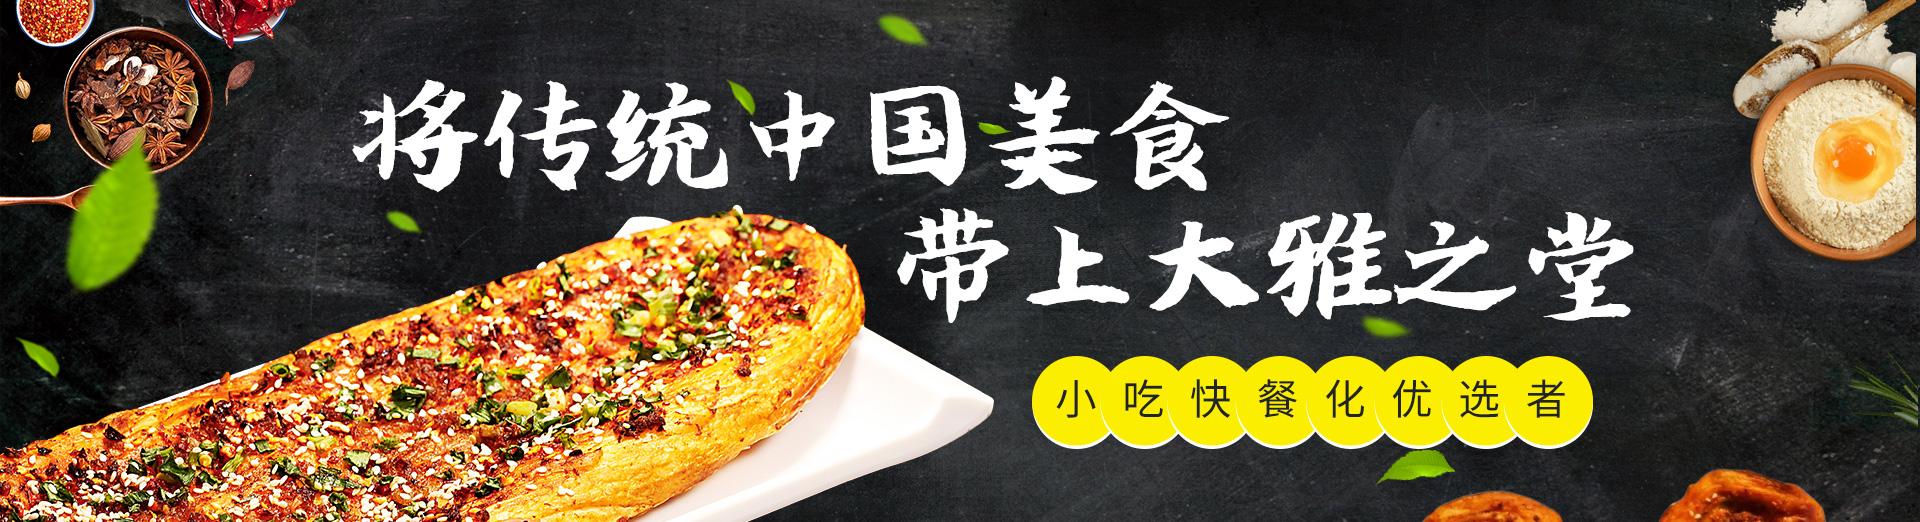 又卷烧饼yjsb_01